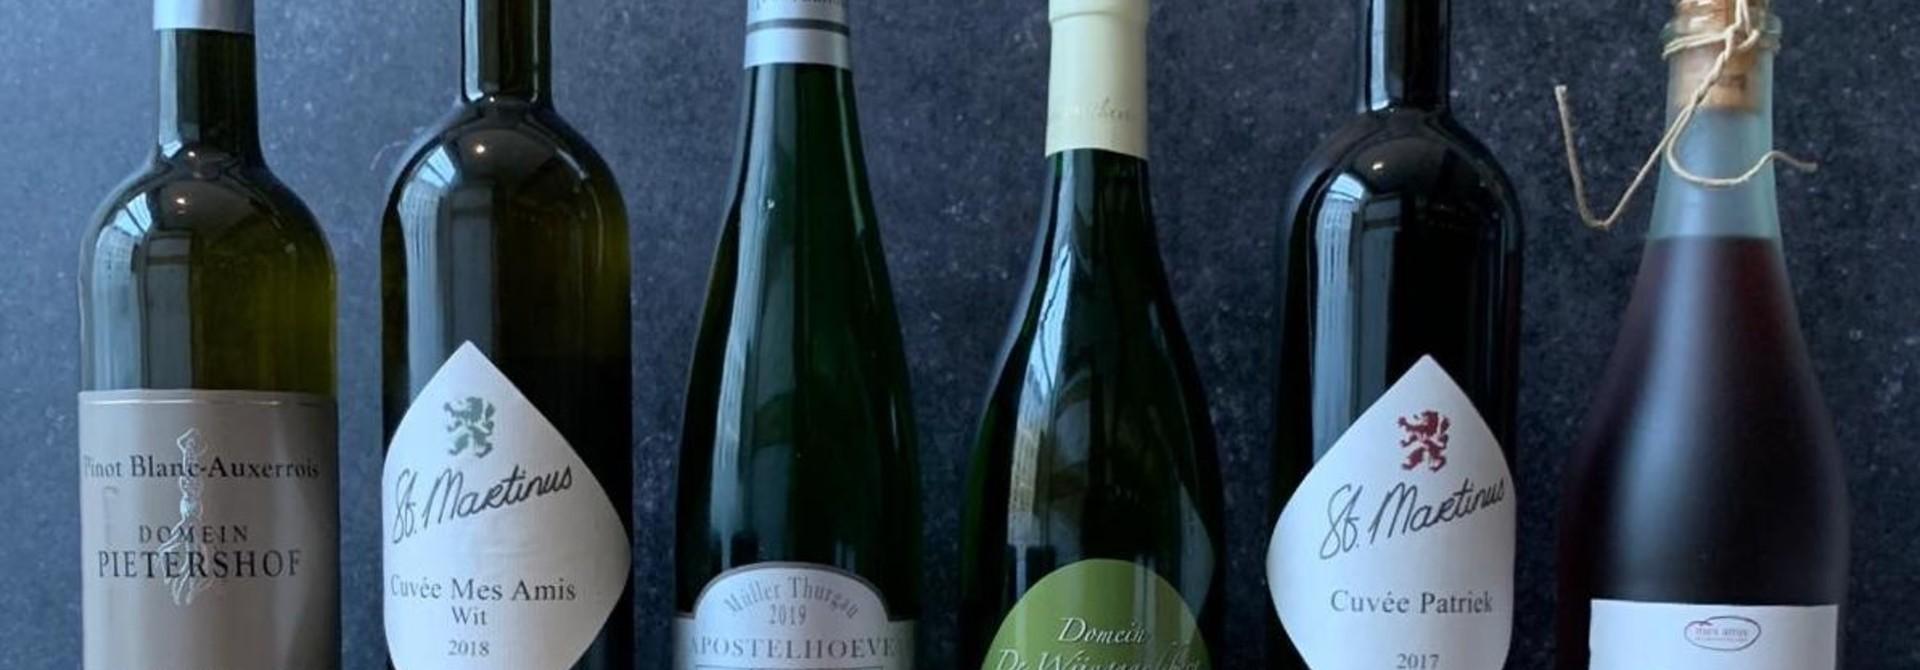 6 flessen Limburgse wijn voor bij het 6 gangenmenu